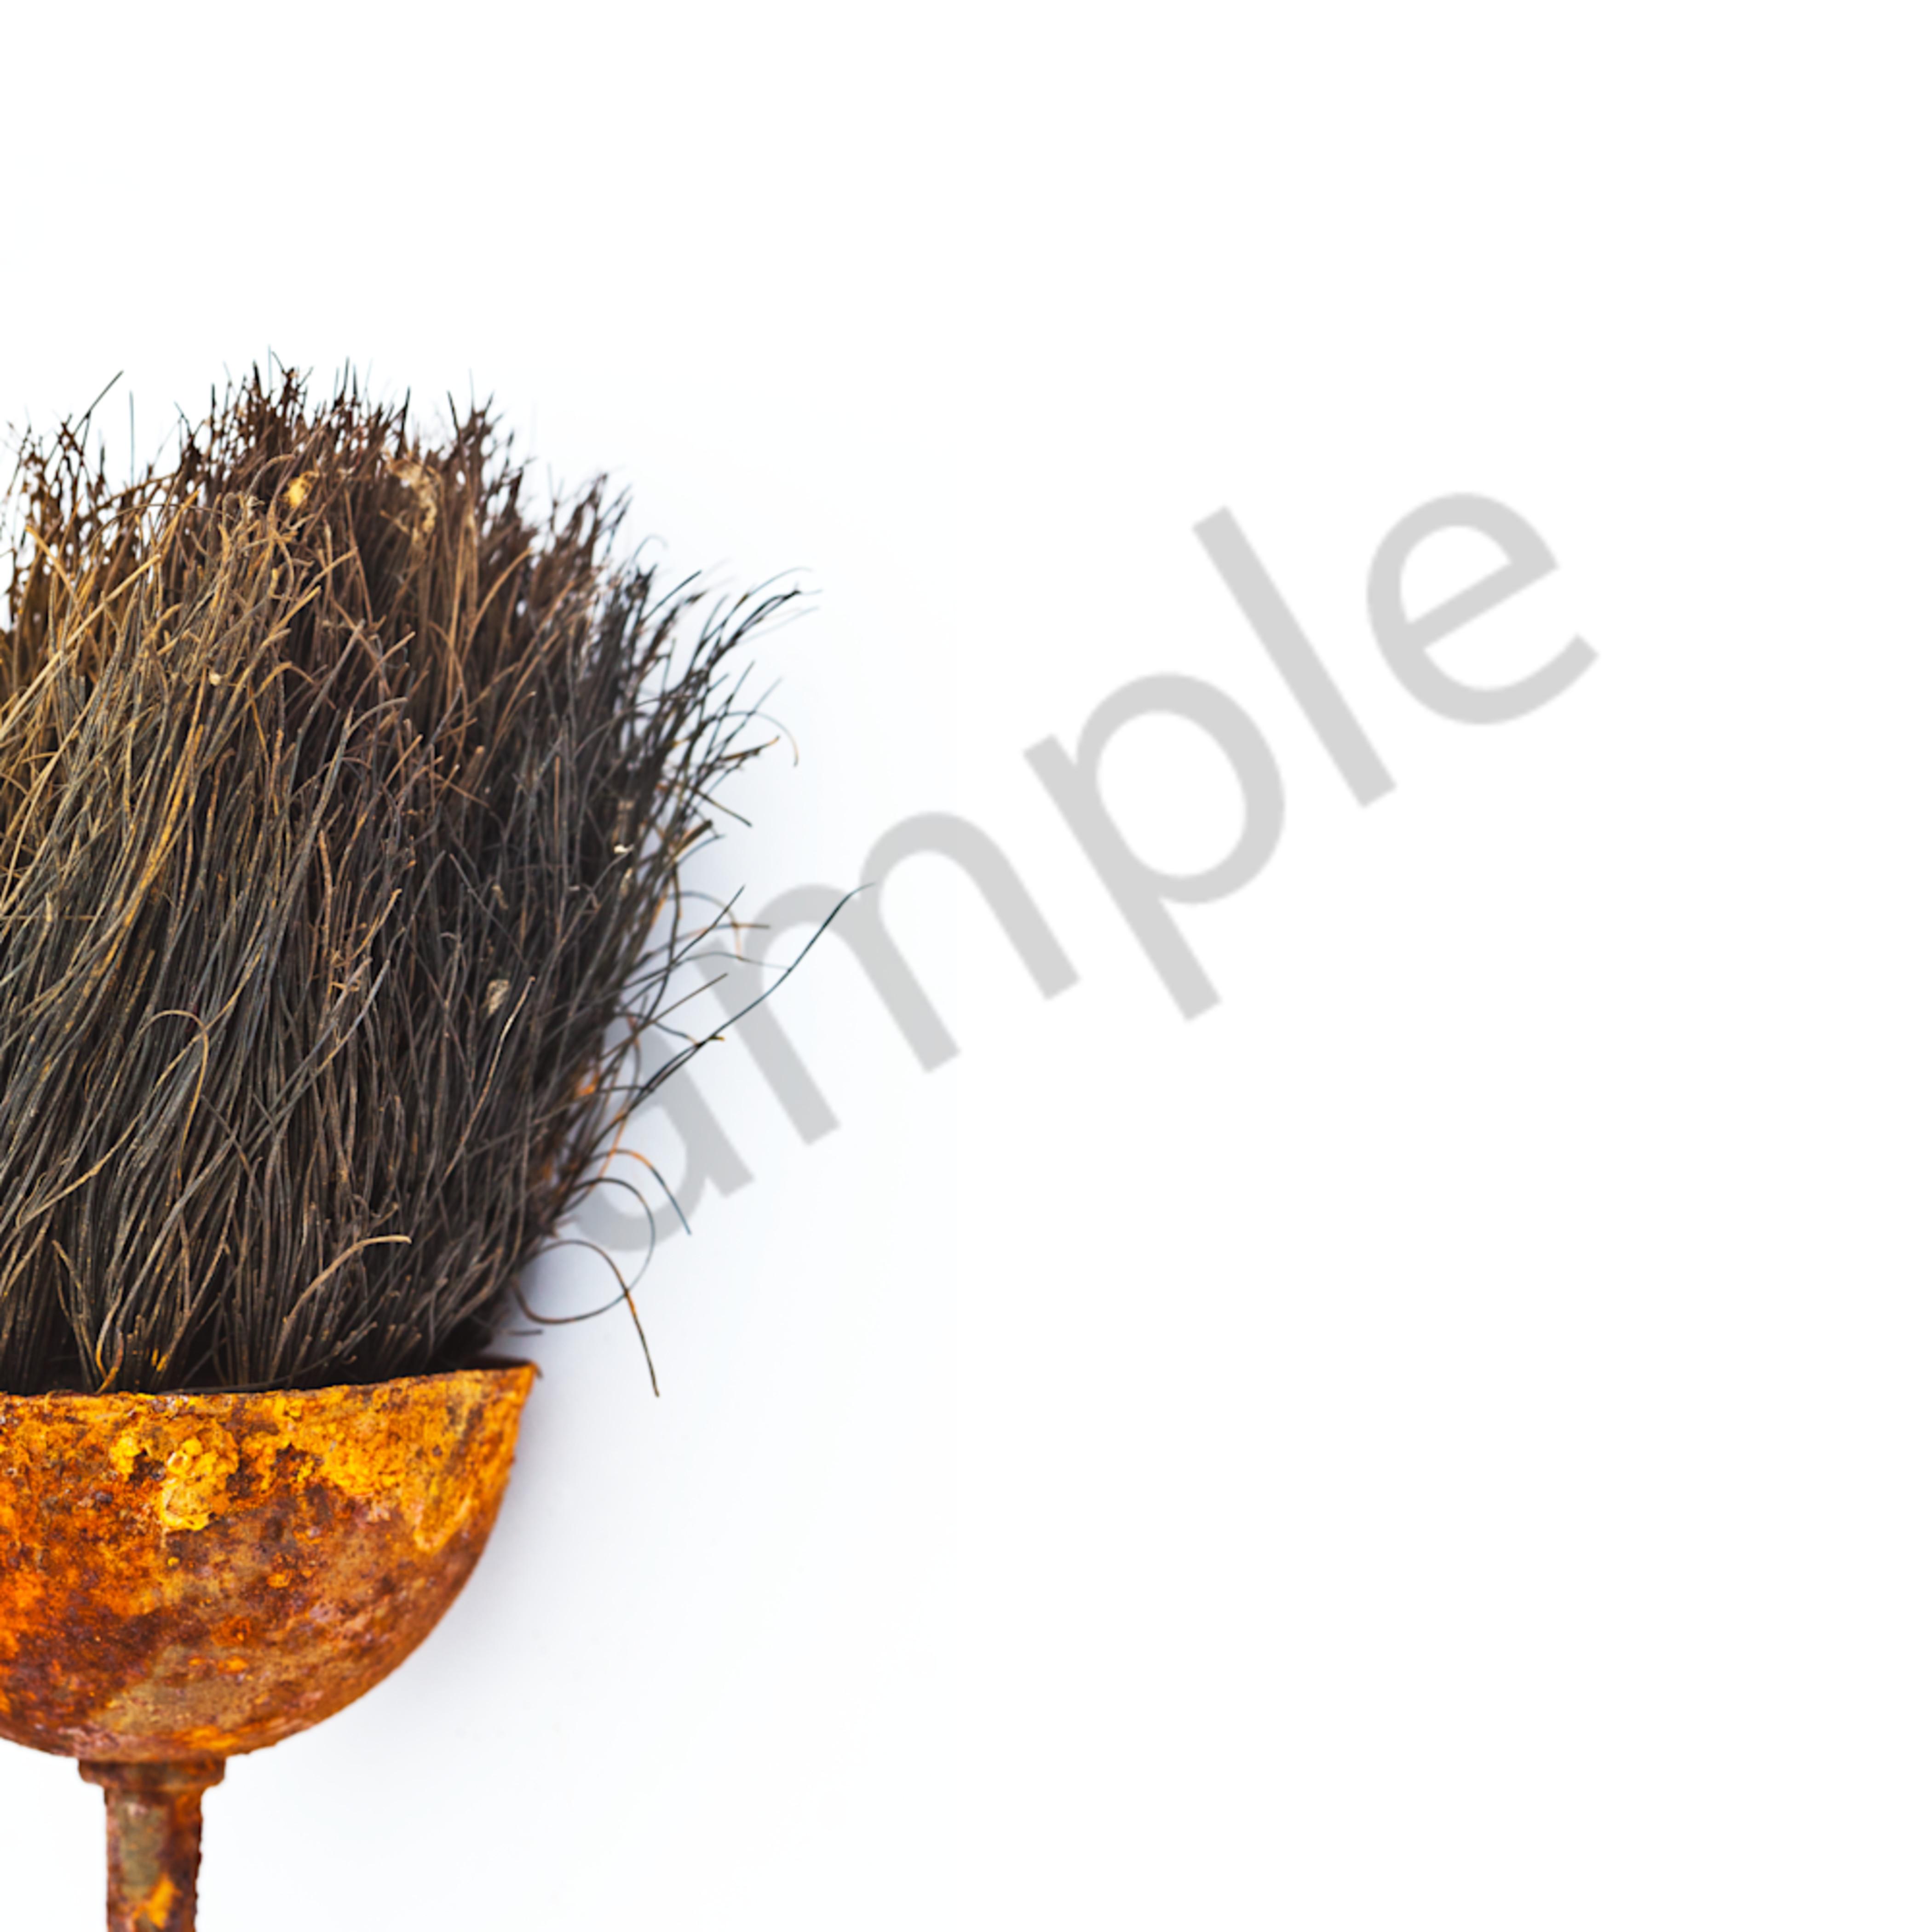 Brush left x7d94h